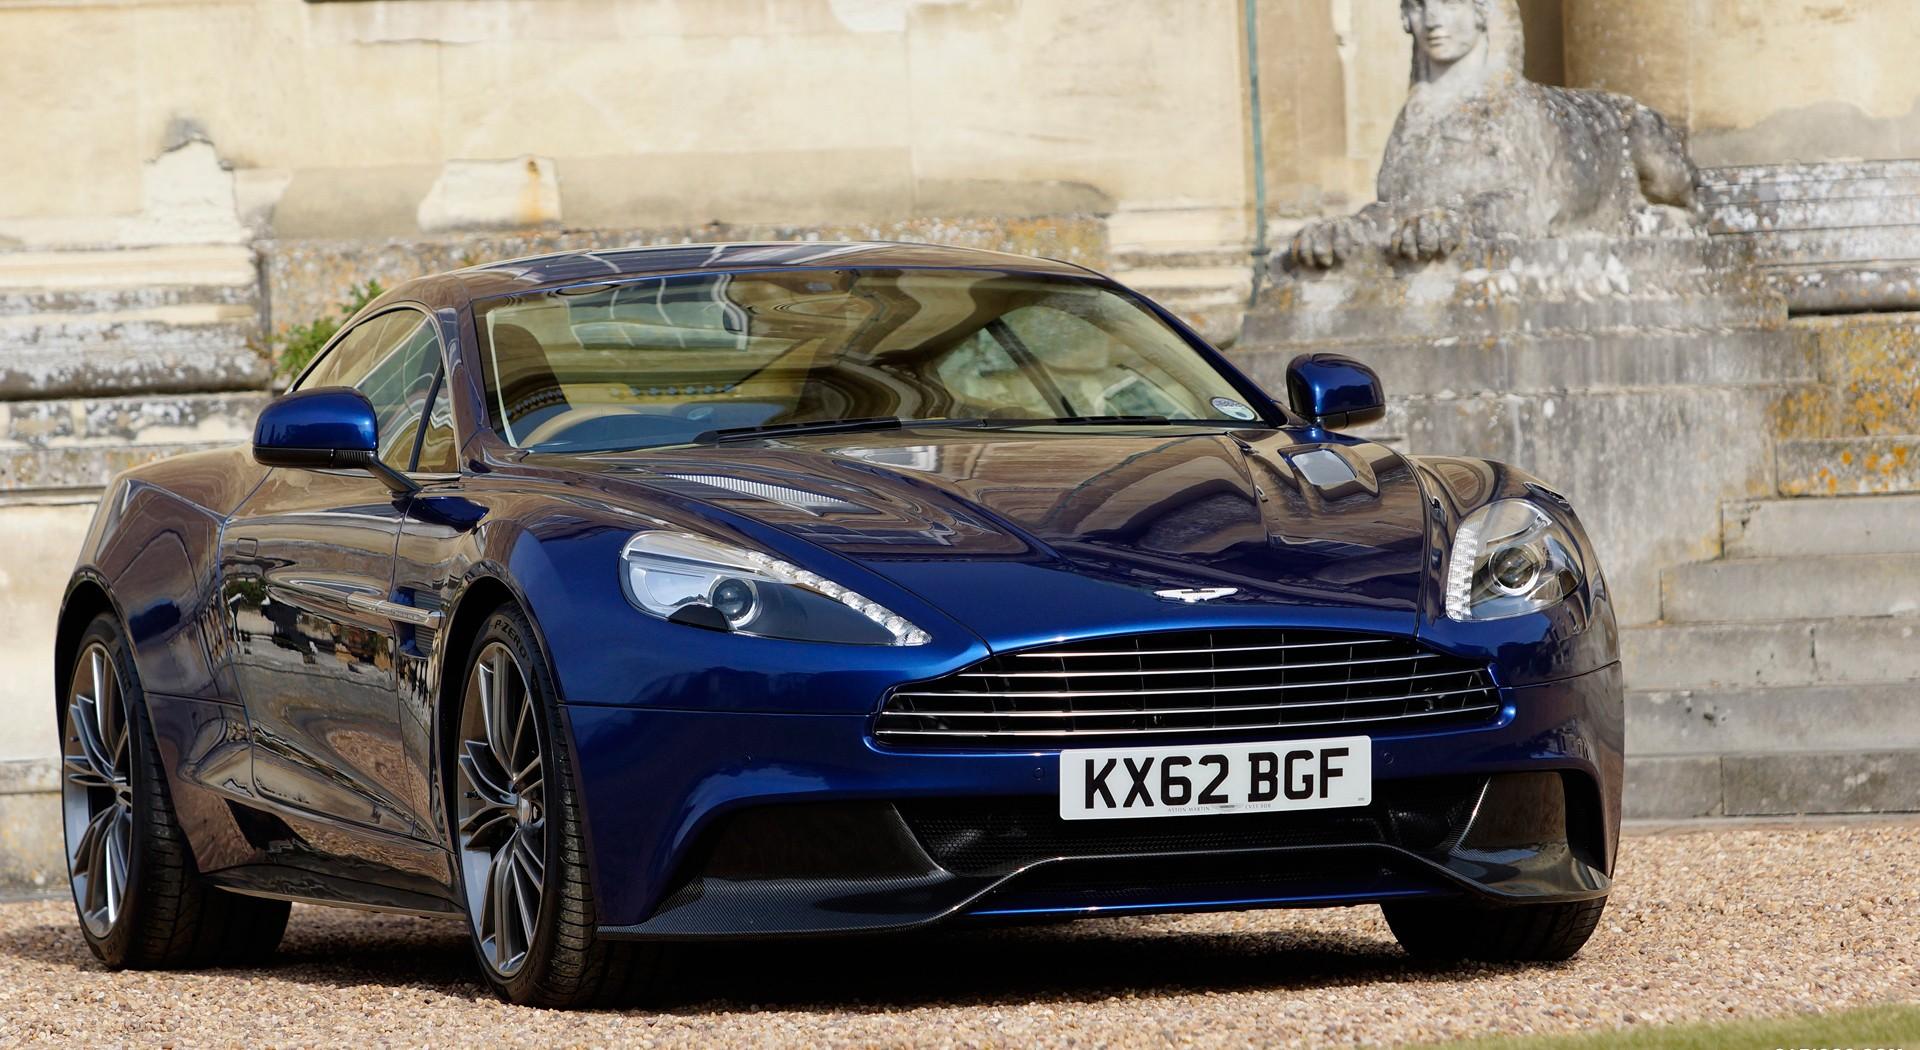 Aston Martin Vanquish blue A6 - HD Desktop Wallpapers | 4k HDAston Martin Vanquish Blue